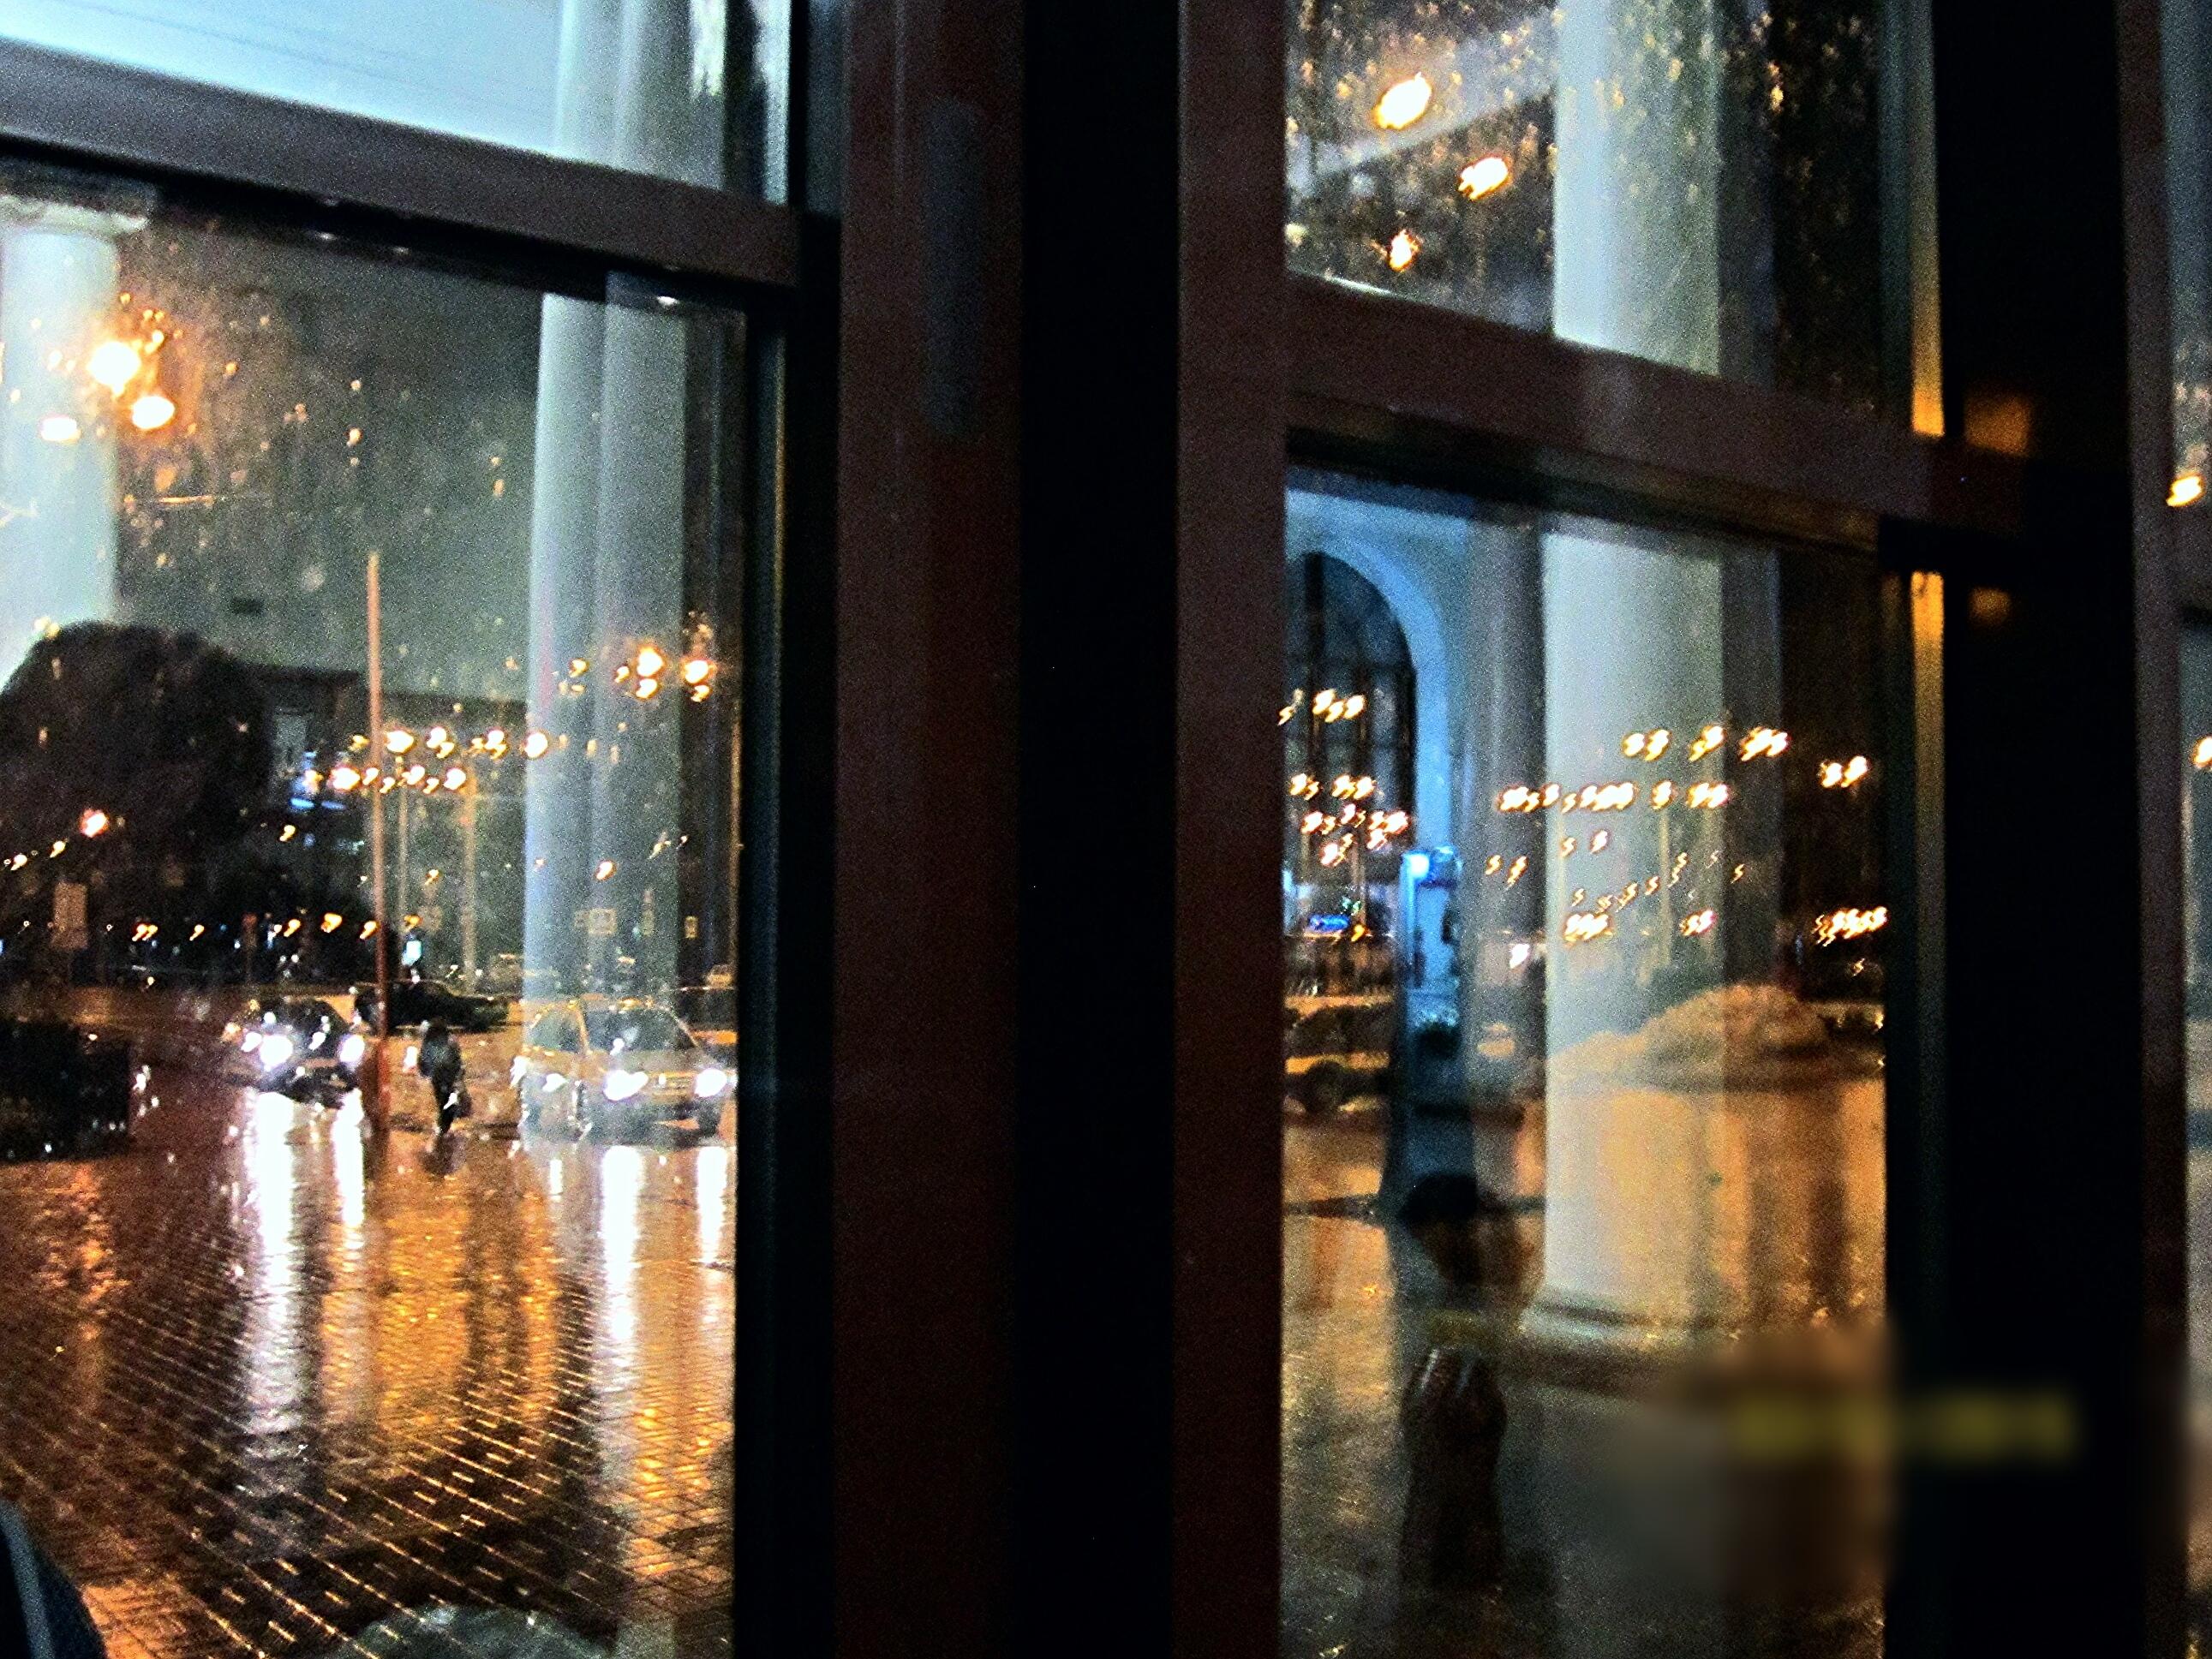 дождь в открытом окне ночью фото гений знаменитого предка